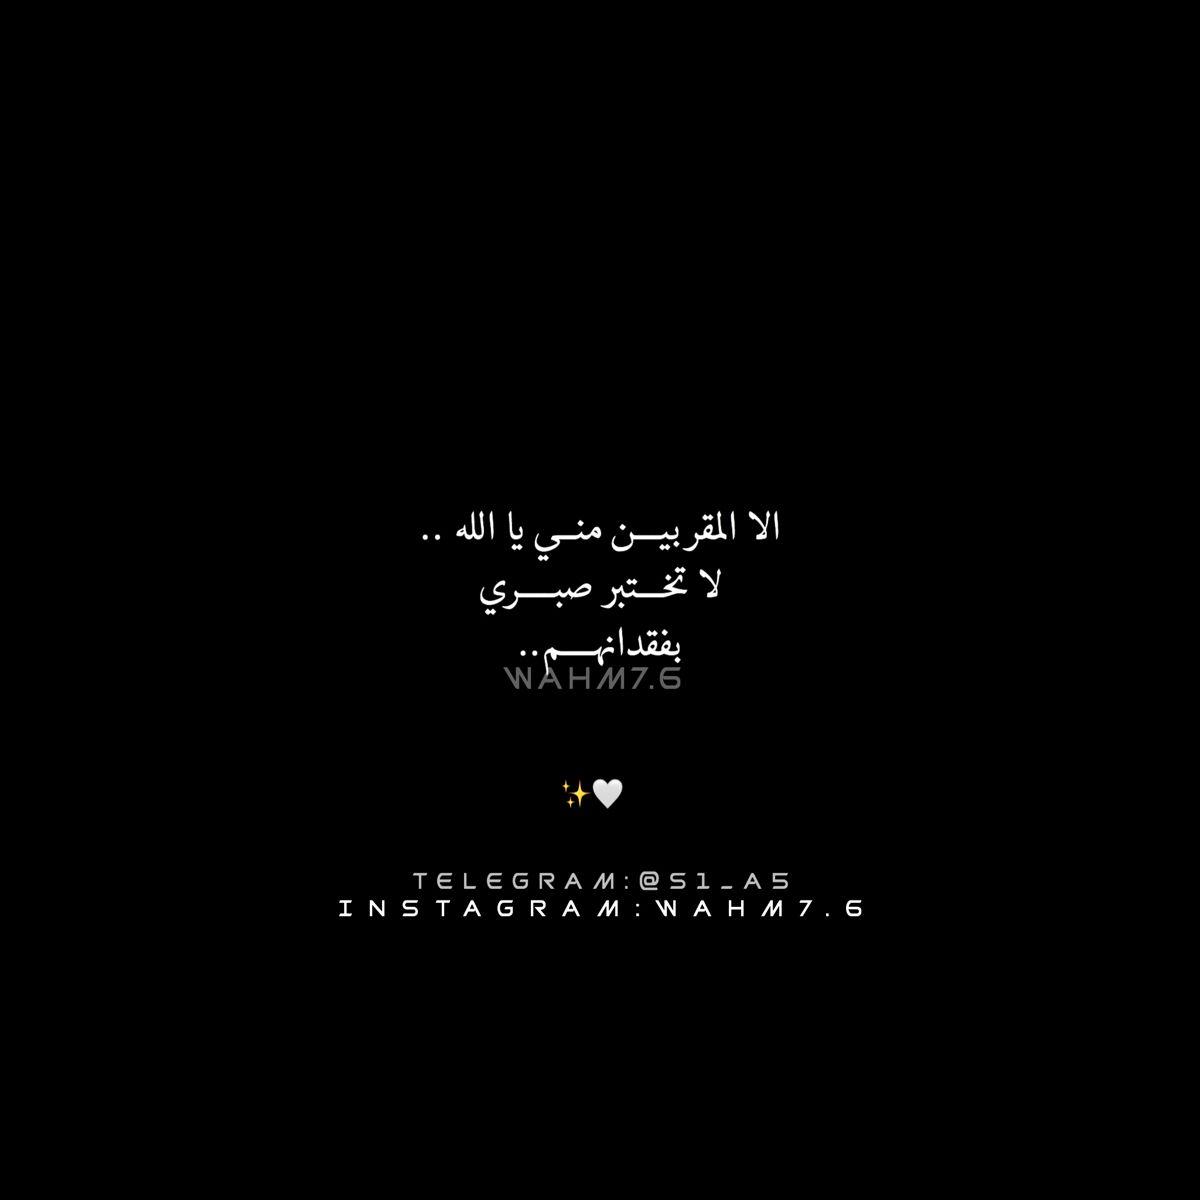 اقتباسات رمزيات كتاب كتابات تصاميم تصميم اغاني عرس حنيت حنين بغداد افلام اجنبية شيلات فديو Islamic Love Quotes Quotes Instagram